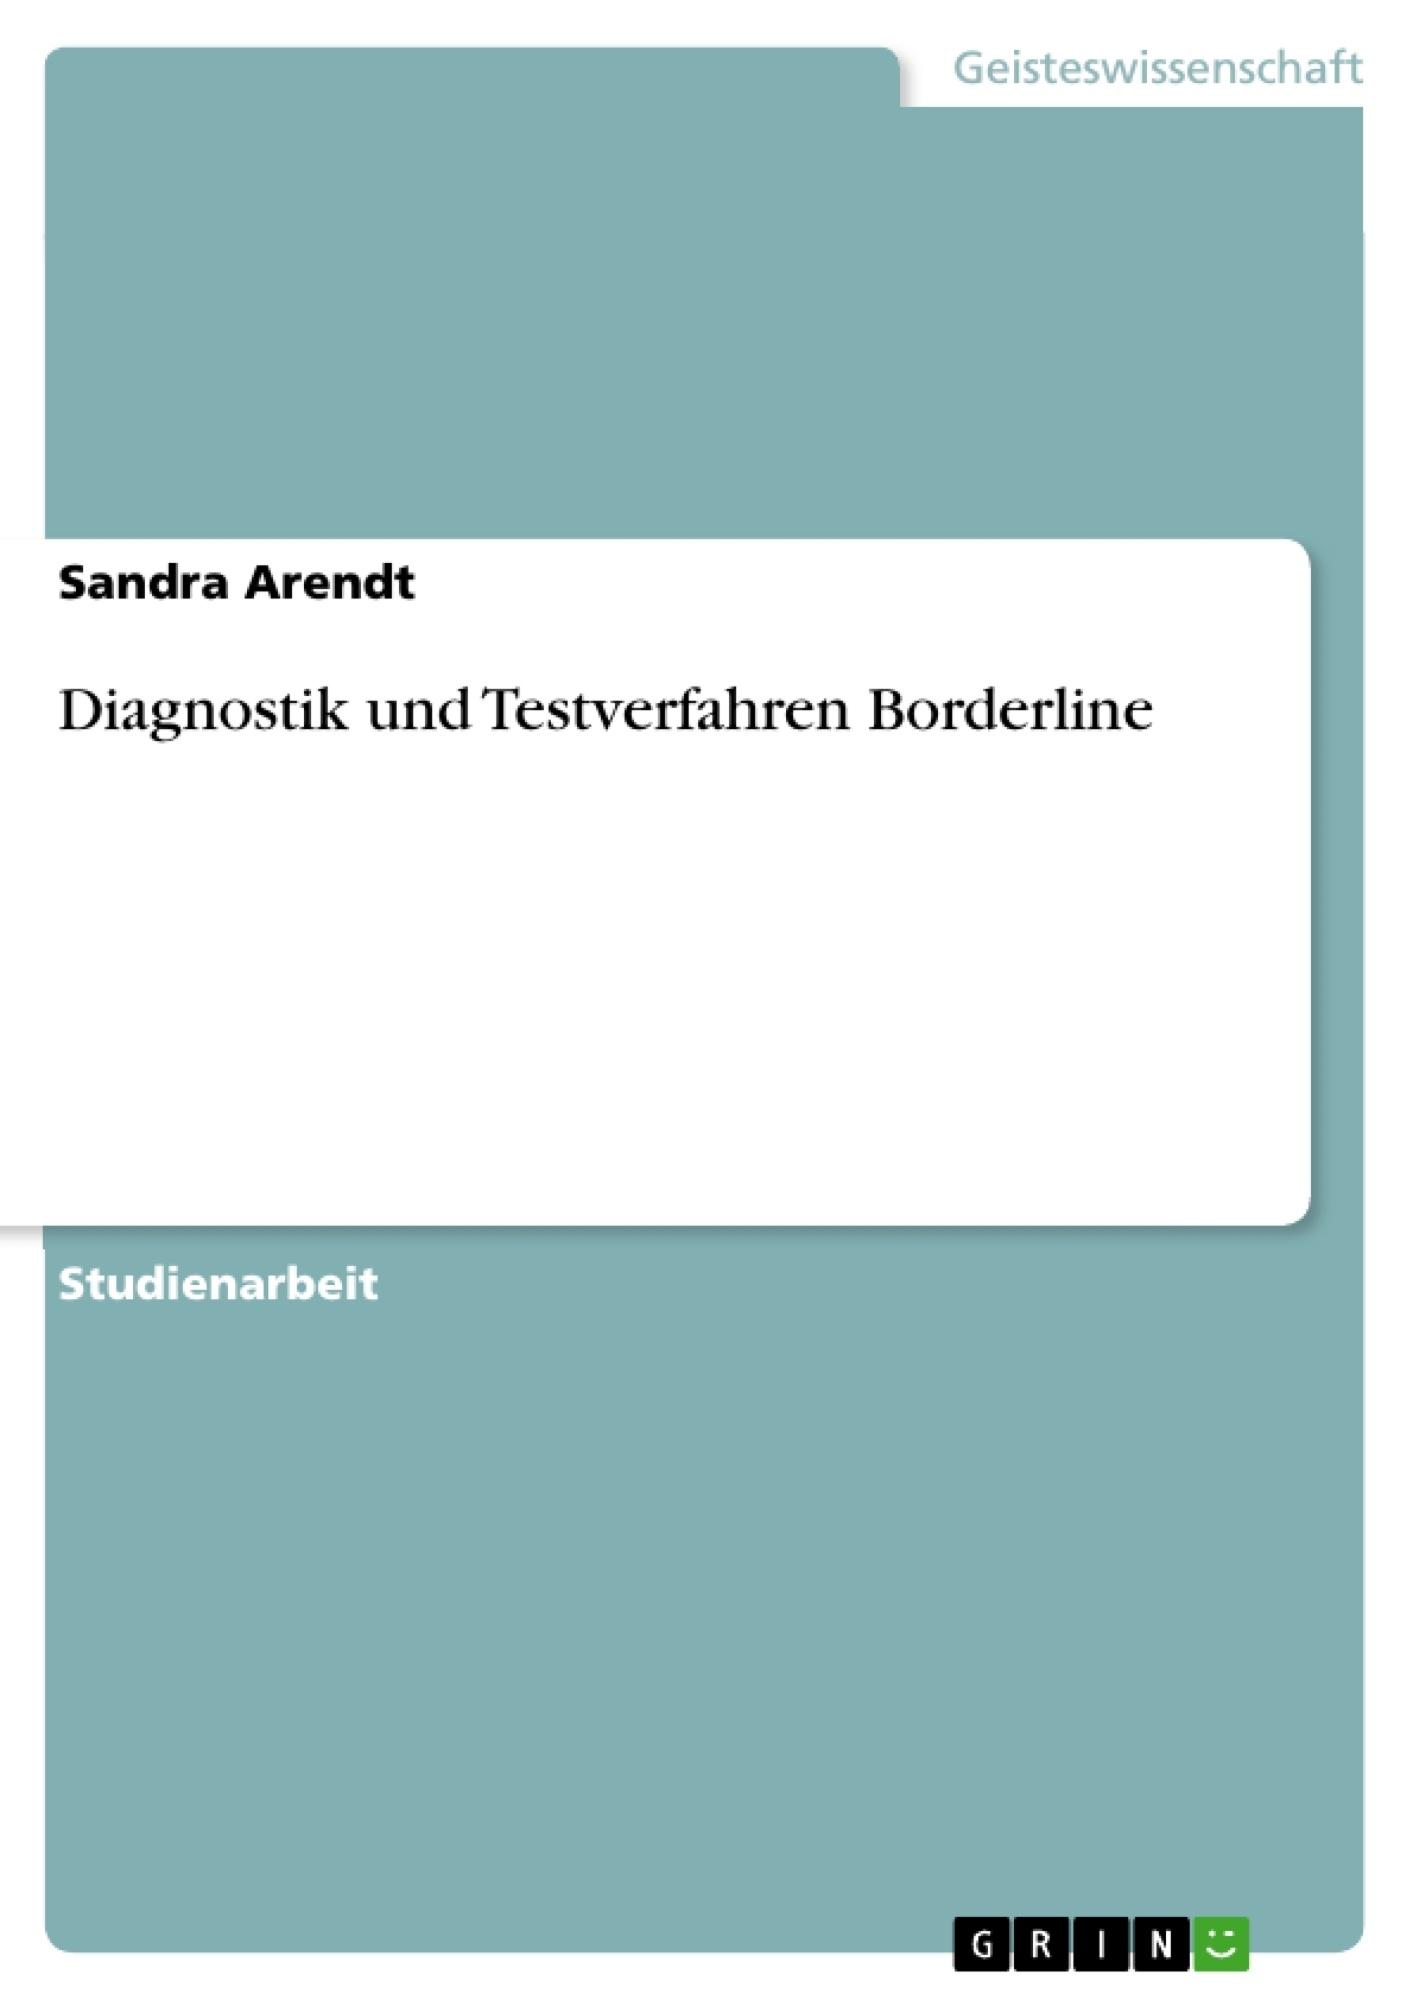 Titel: Diagnostik und Testverfahren Borderline